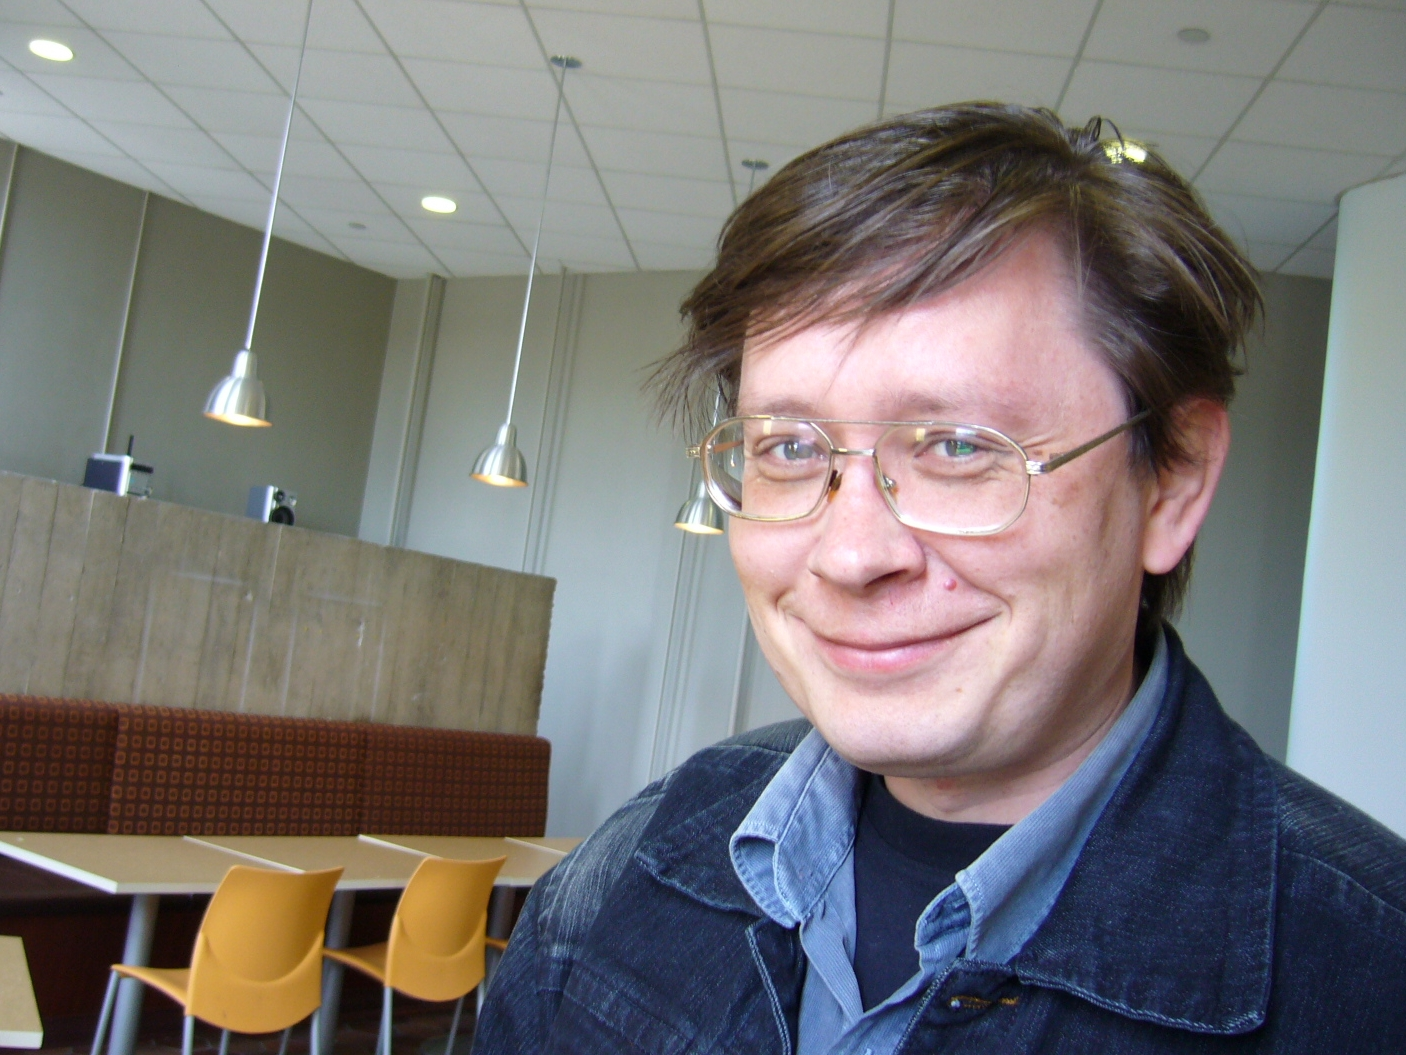 https//www.linux.org.ru/images/19634/original.jpg